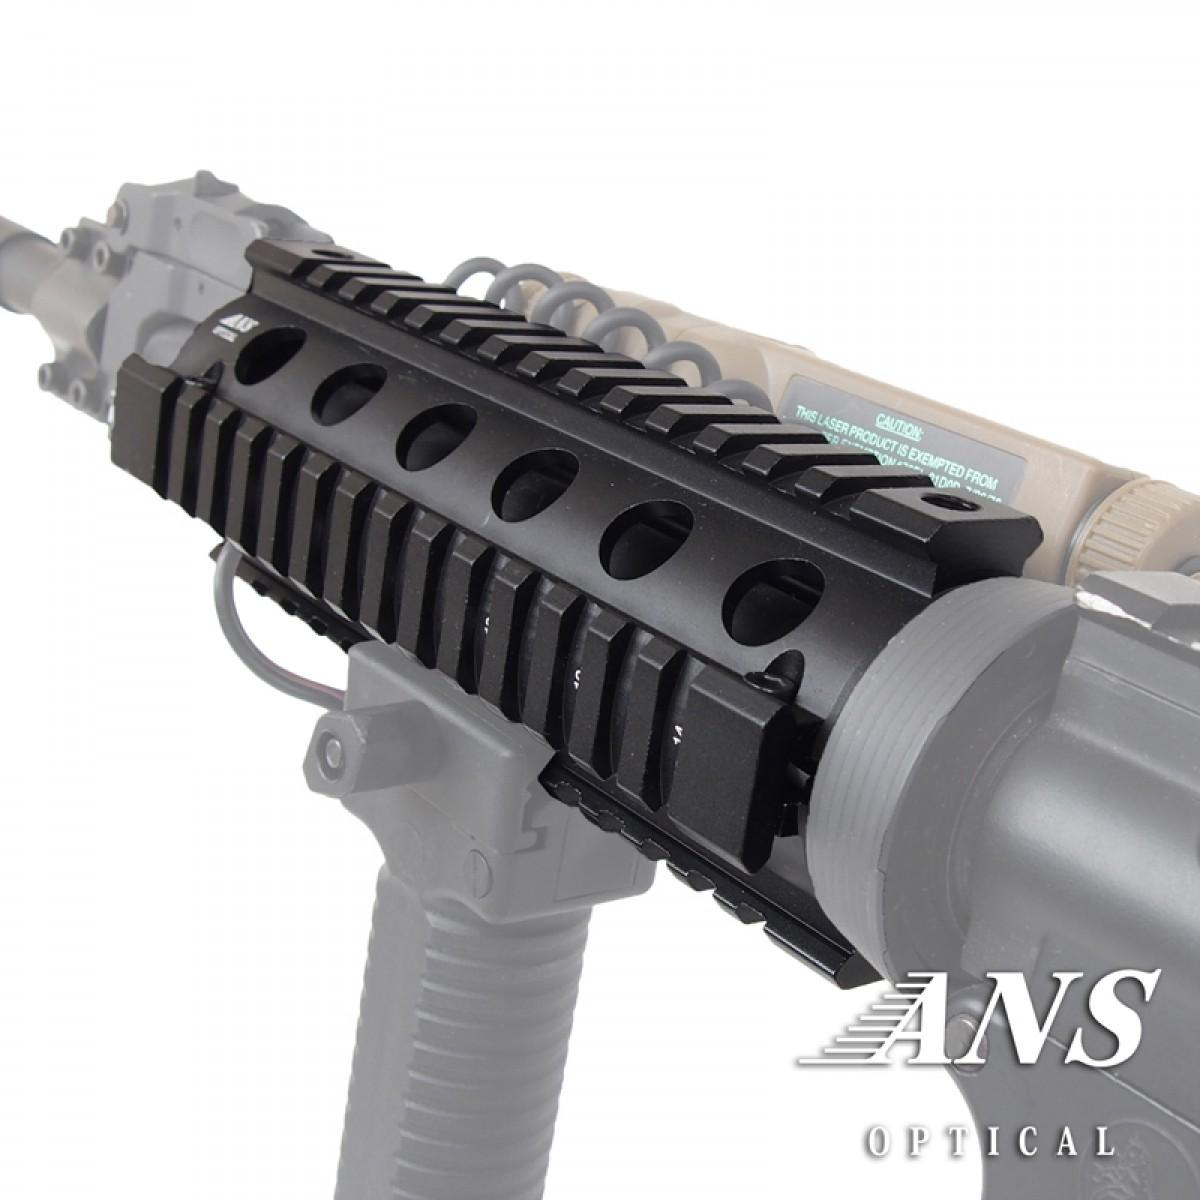 プロモデル クワッドレイルシステム  RIS ハンドガード AR15/M4 6.5 inch BK OD